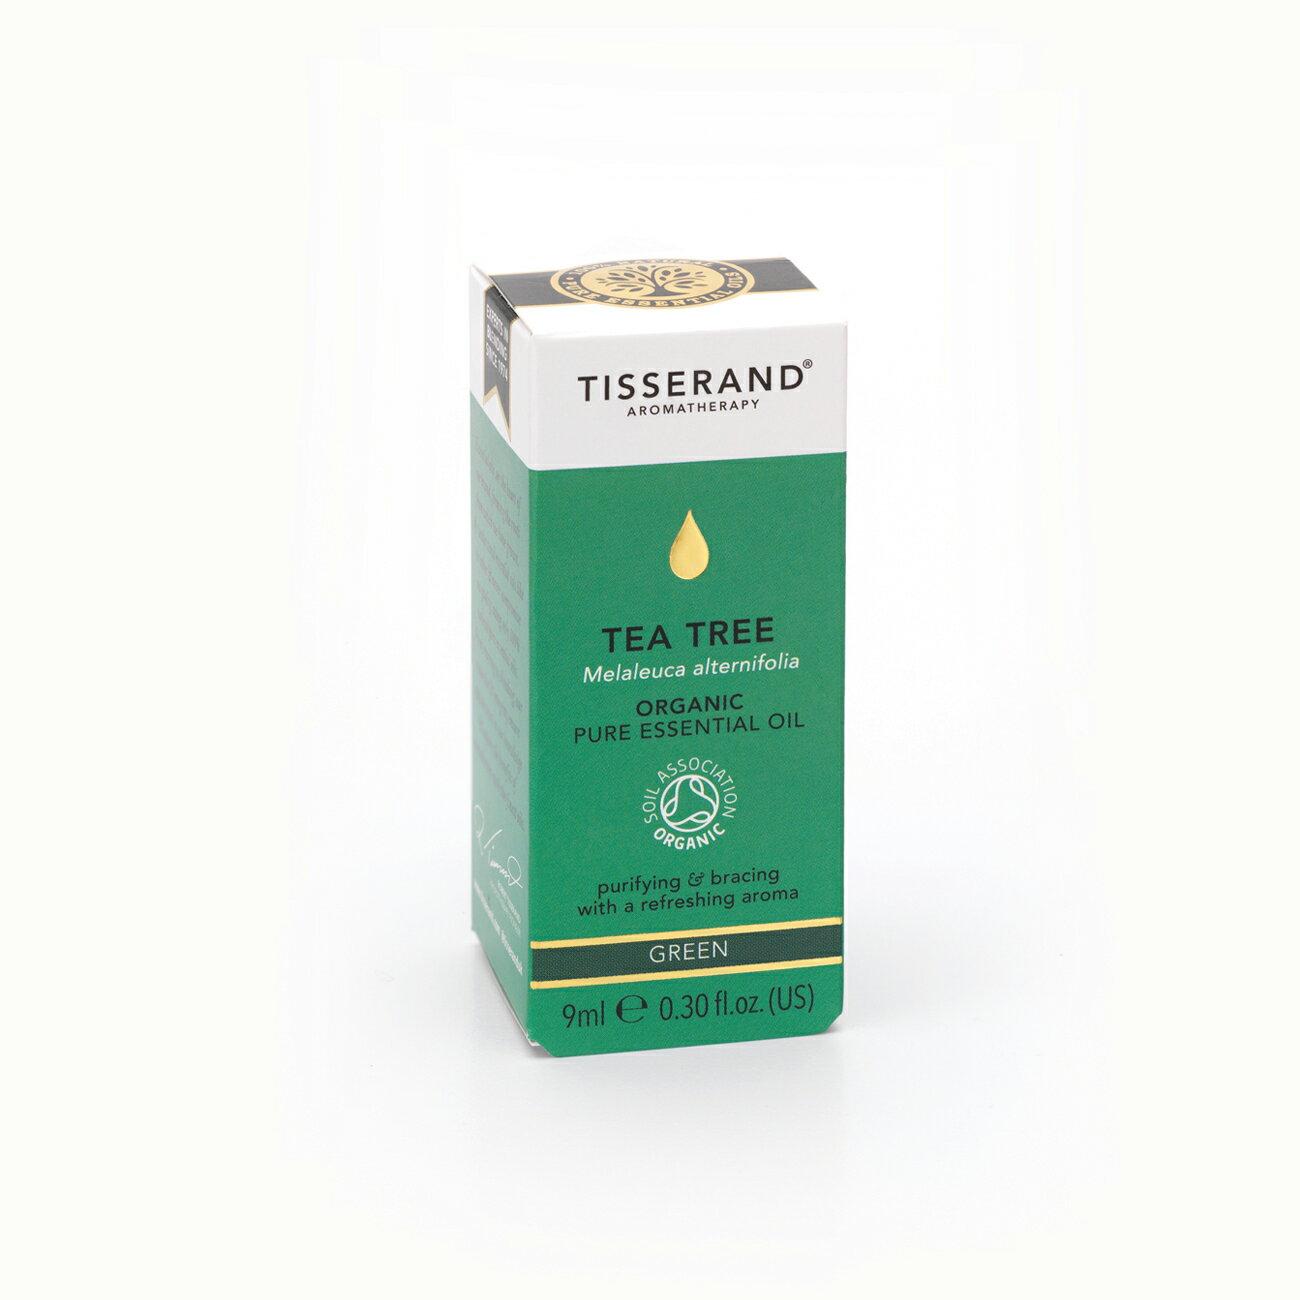 有機茶樹精油 TEA TREE ORGANIC 20 ml